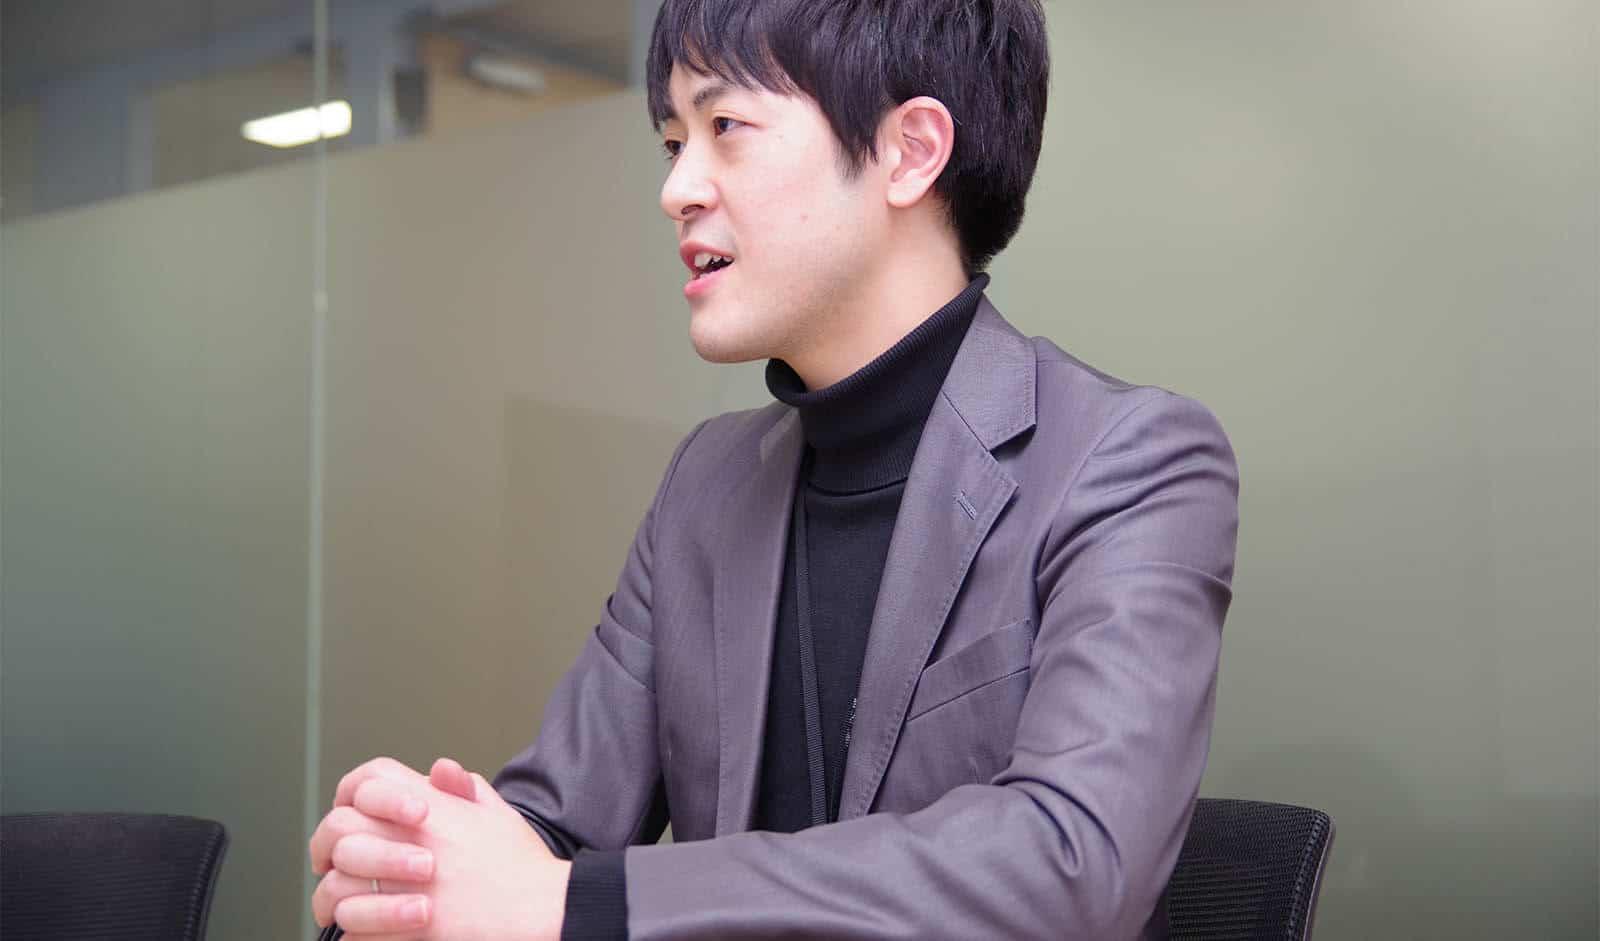 ソフトバンク株式会社 鵜澤 聡幸氏